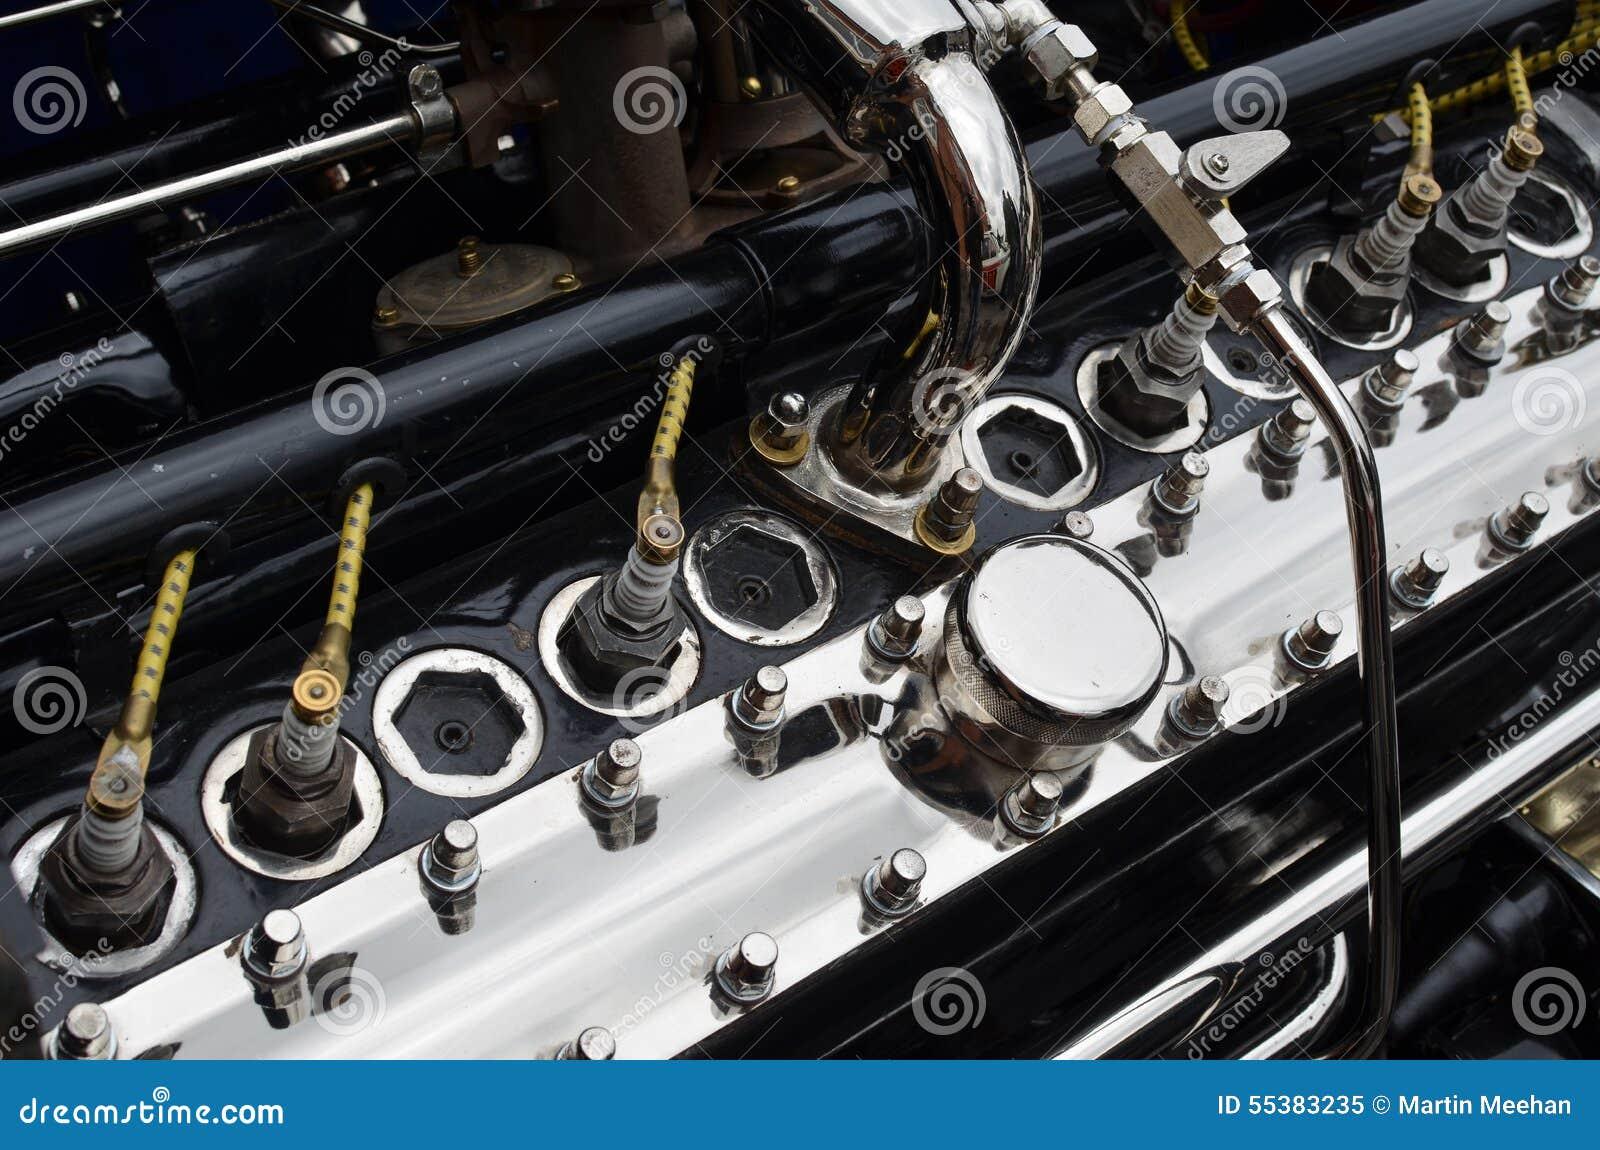 Vintage Car Engine 120